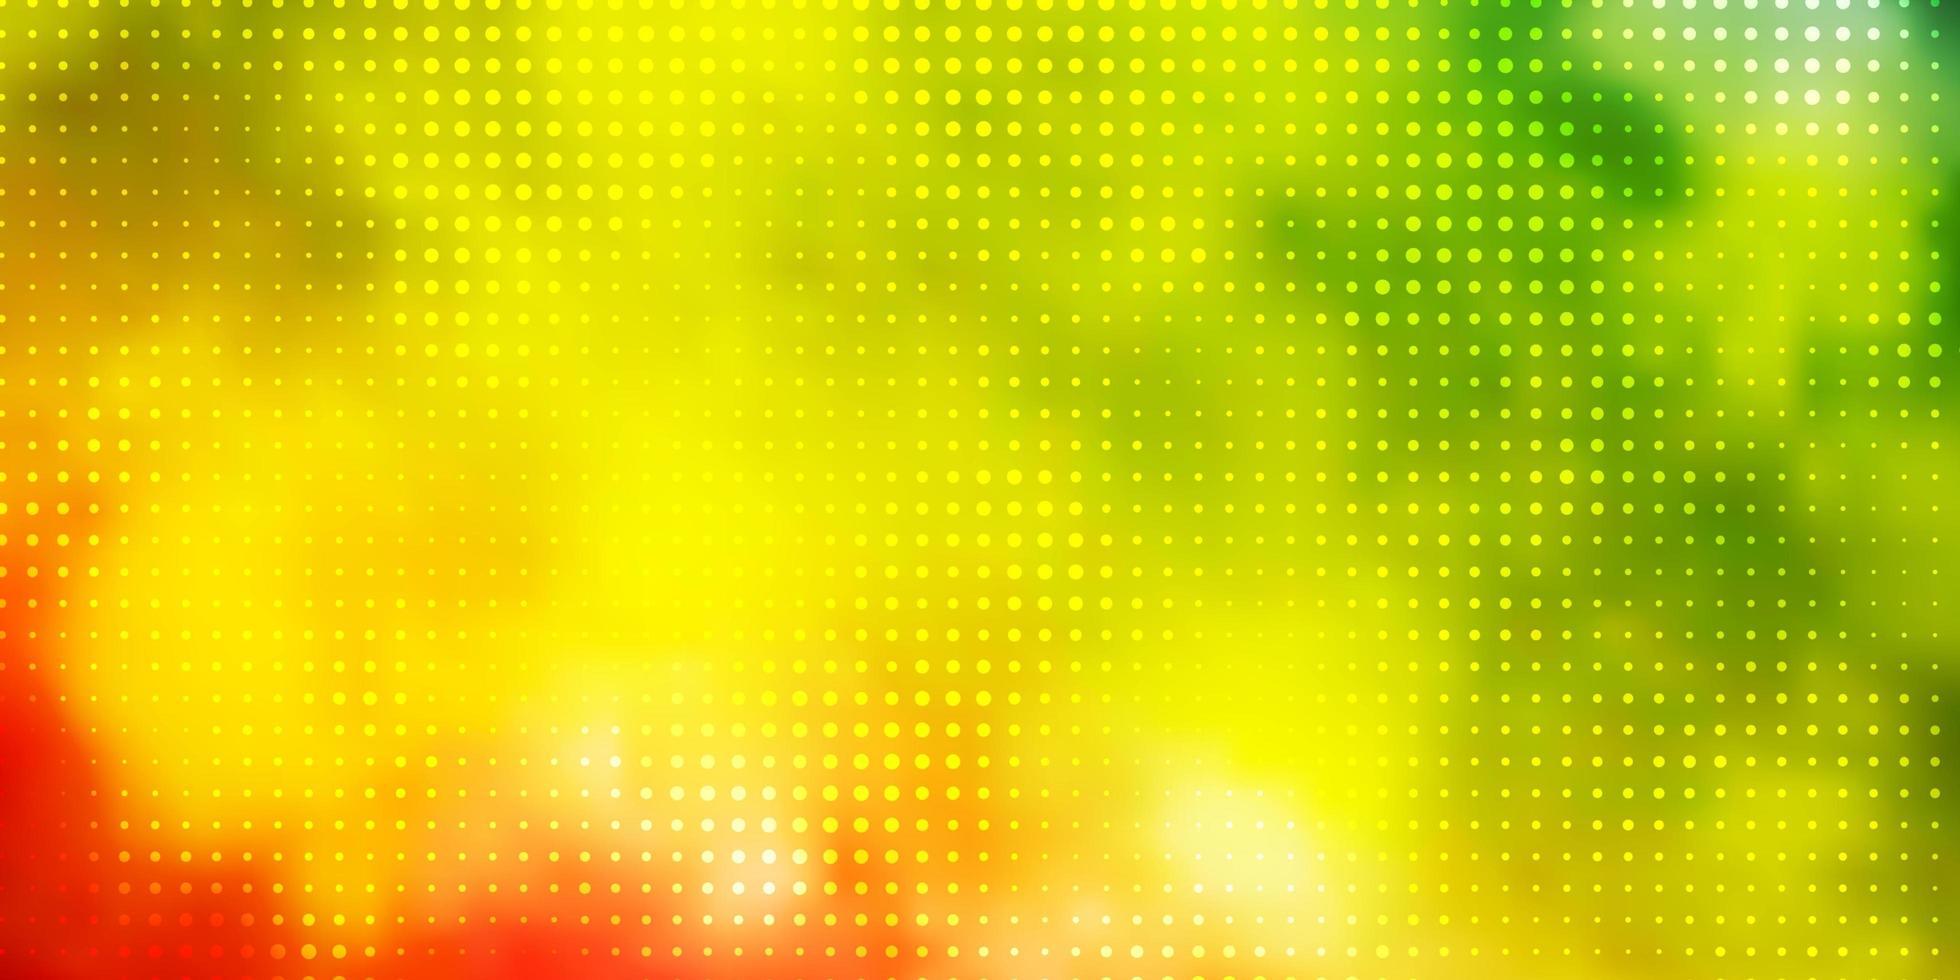 mörk flerfärgad vektor bakgrund med prickar.